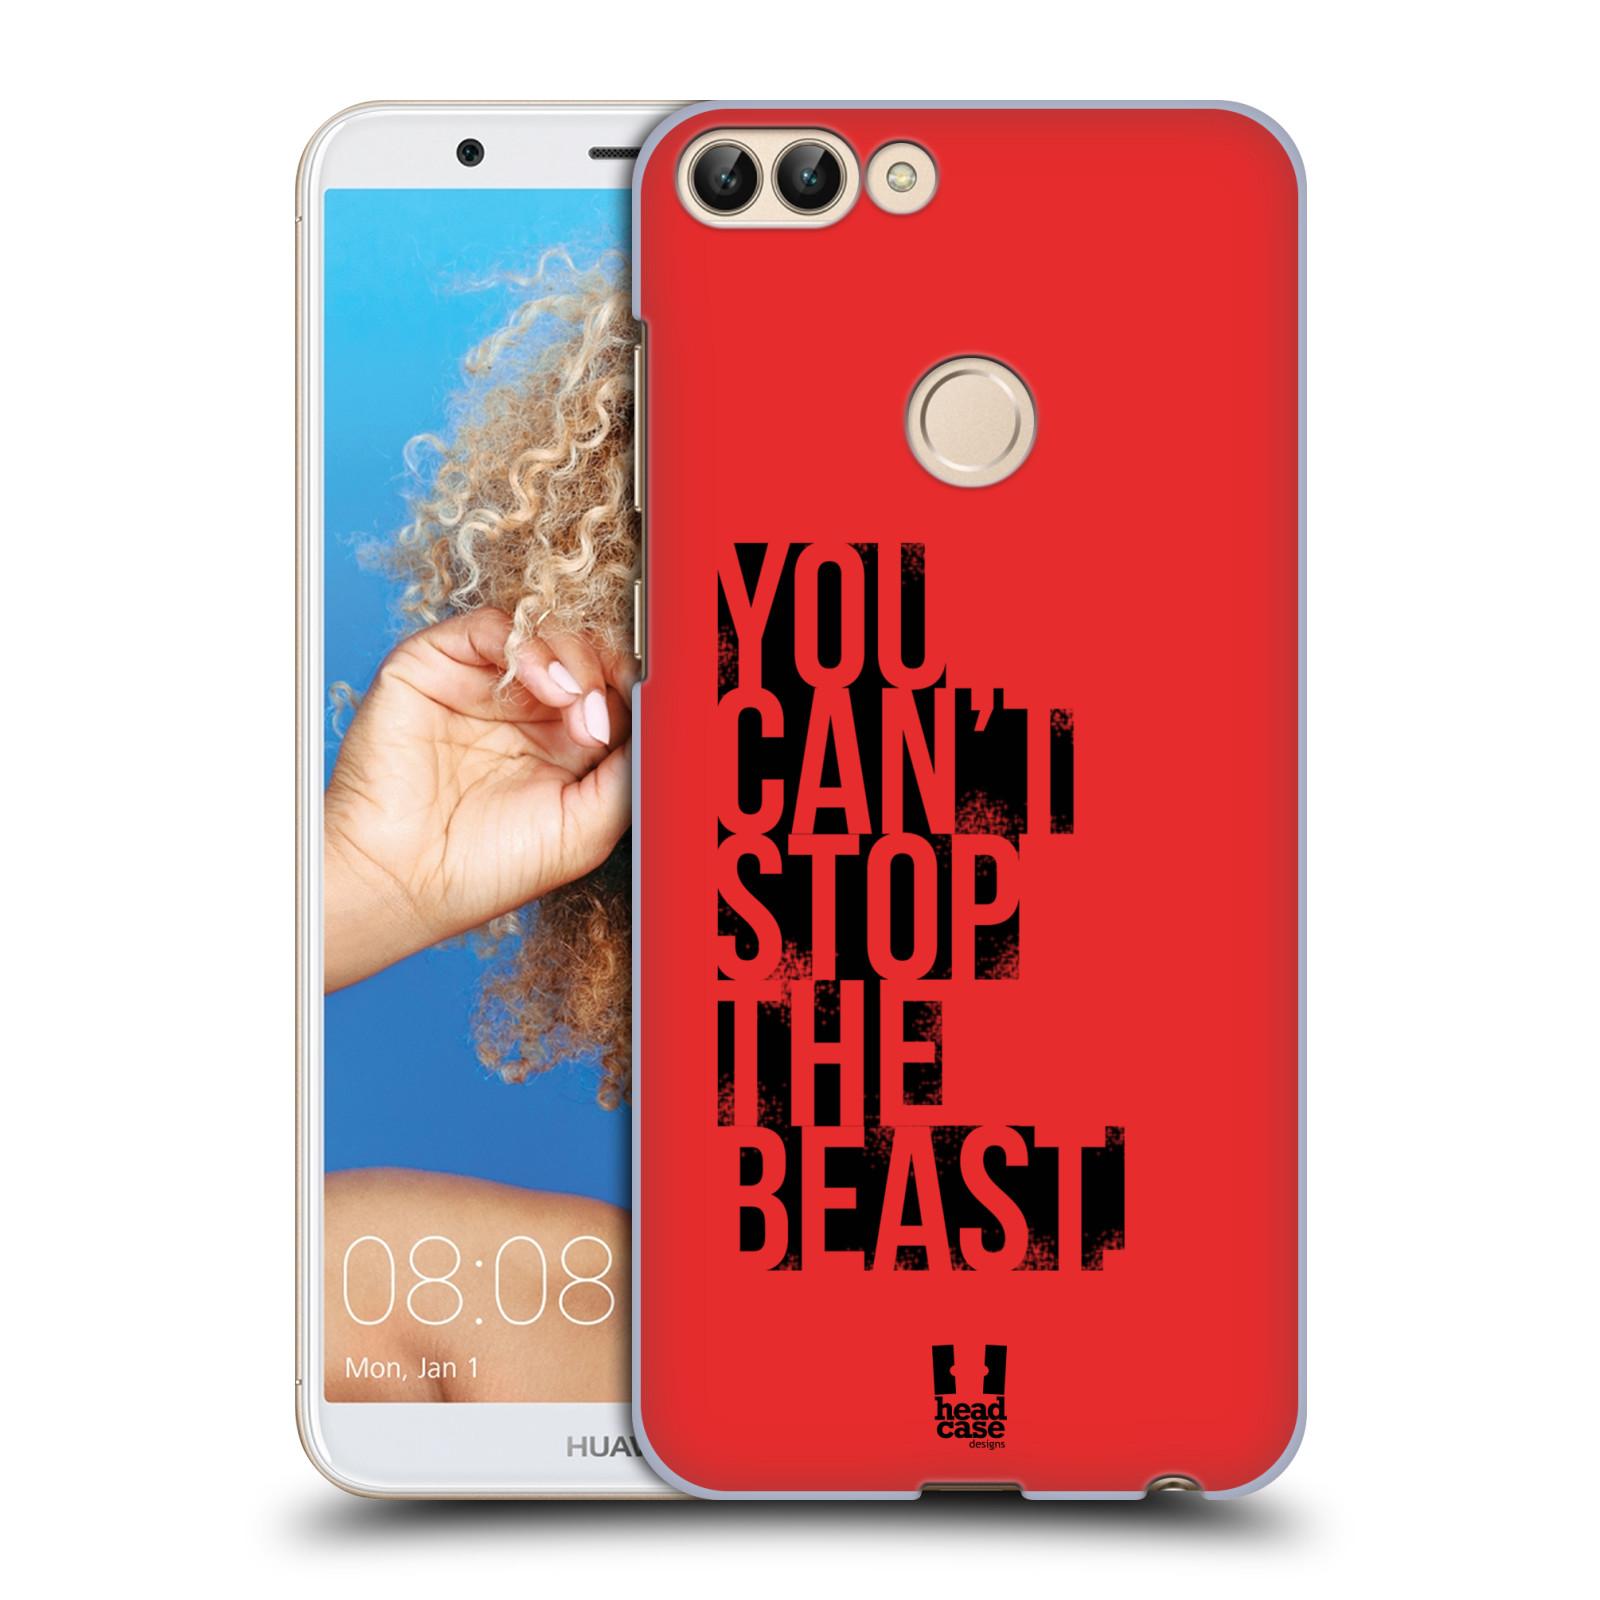 HEAD CASE plastový obal na mobil Huawei P Smart Sportovní tématika Beast mode červená